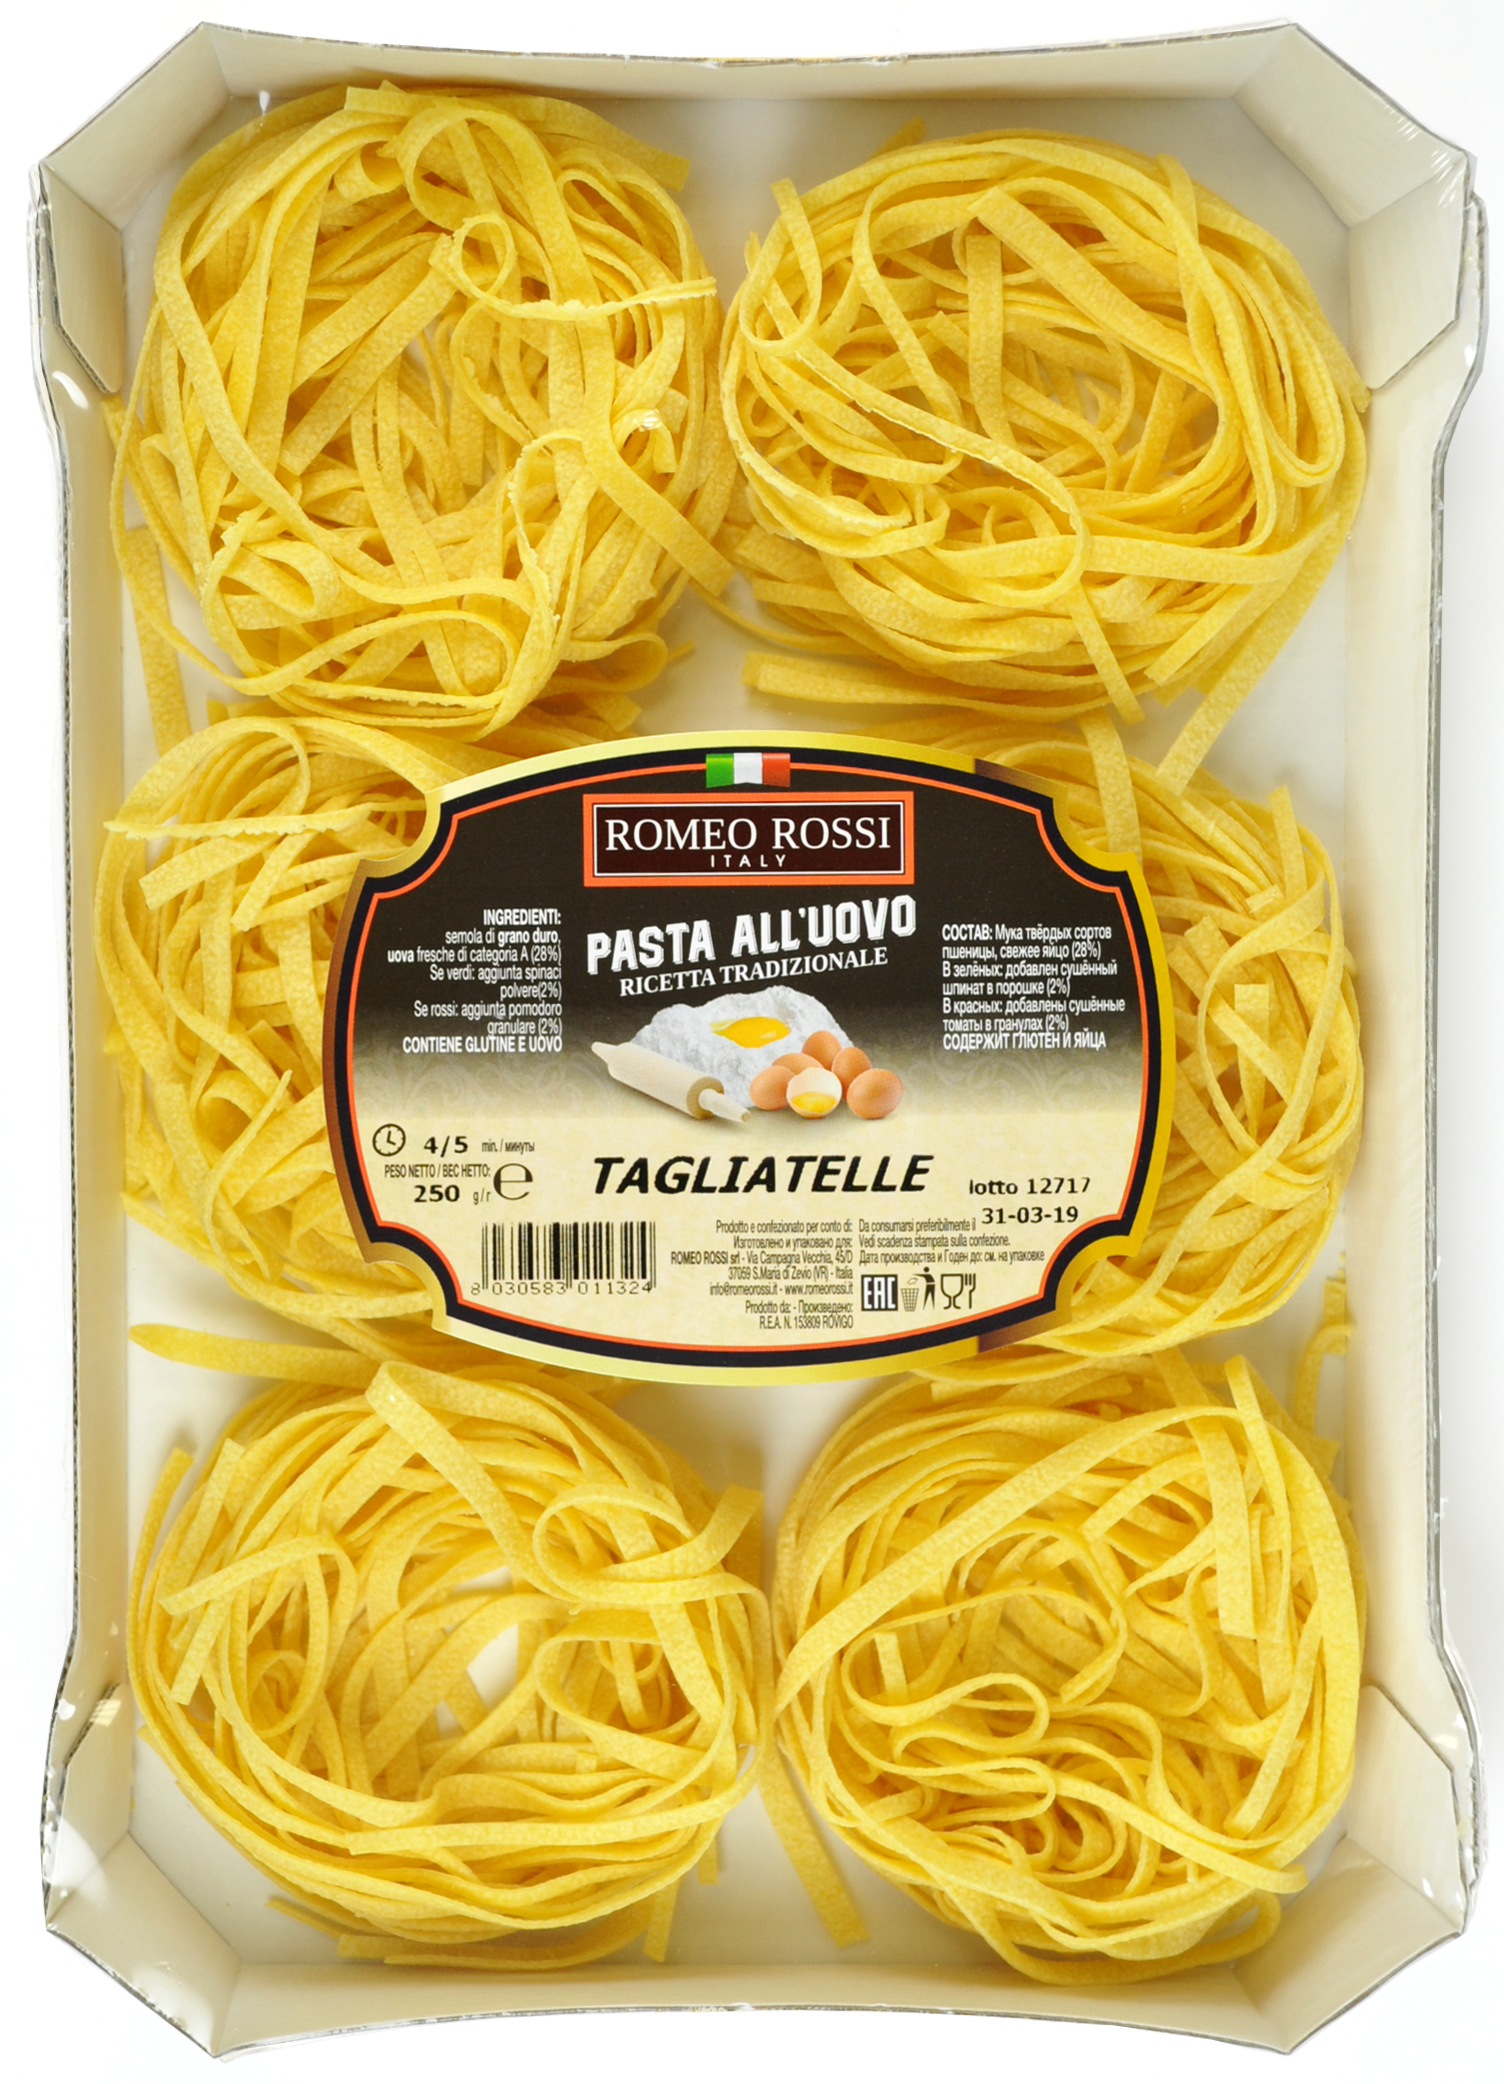 Romeo Rossi паста яичная 8 яиц тальятелле, 250 гБ0002745В Италии макаронные изделия разрешается изготавливать только из твердых сортов пшеницы (аналогично группе А в России). Твердые сорта пшеницы имеют большее содержание клейковины и меньшее содержание крахмала, чем мягкие. Изготовленные из них макаронные изделия имеют более низкий гликемический индекс. Согласно итальянским законам, содержание яиц в яичной пасте должно быть не менее 5,5 %. Они обеспечивают пасте богатый цвет и вкус.Лайфхаки по варке круп и пасты. Статья OZON Гид